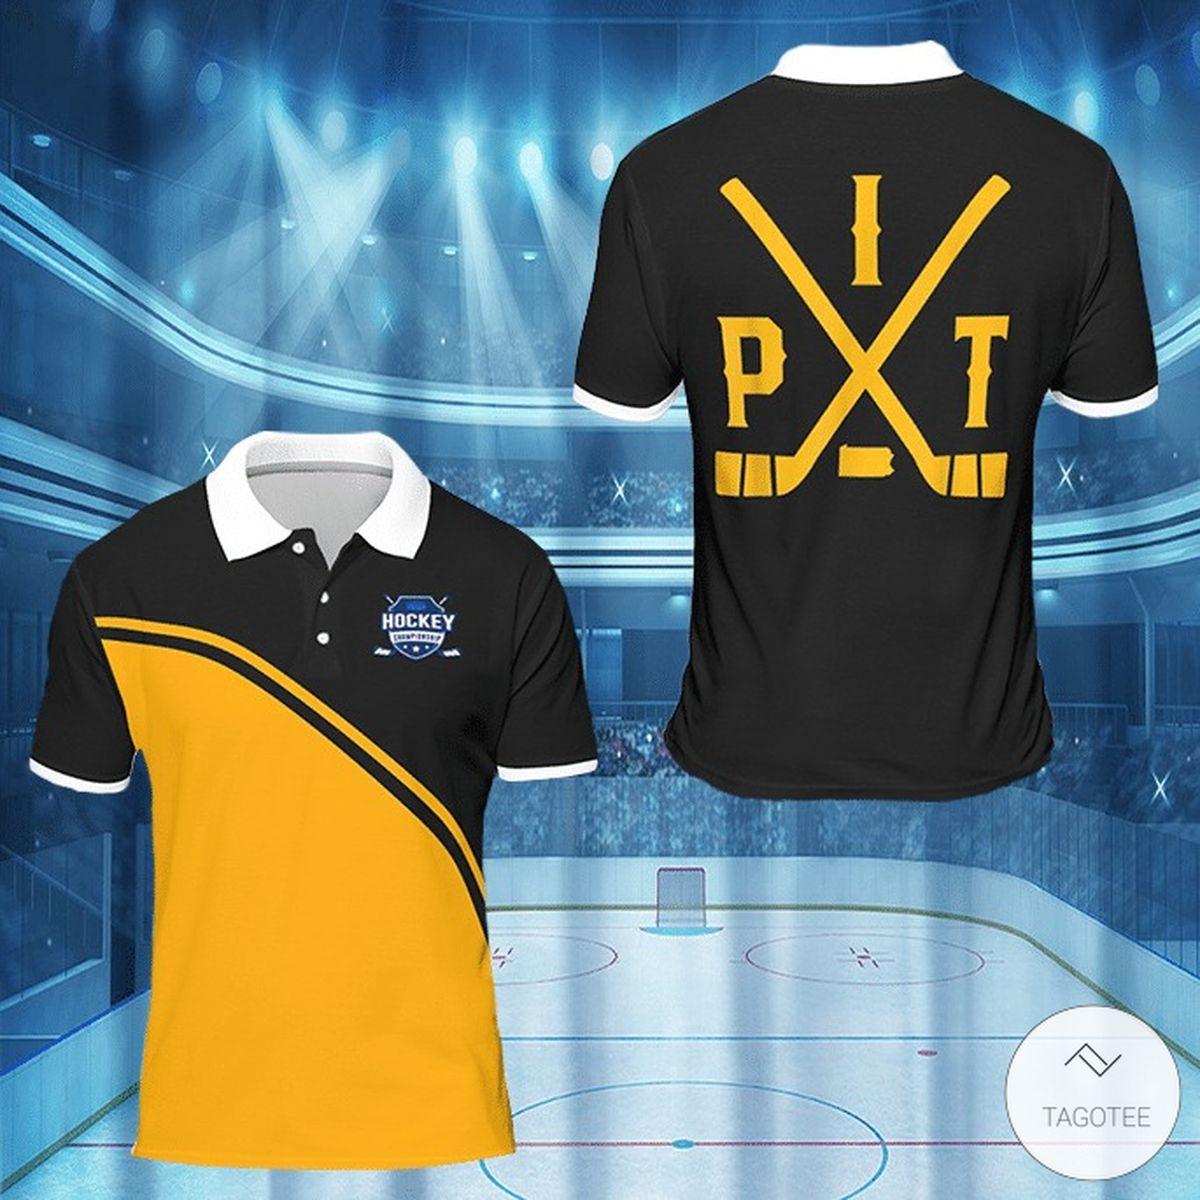 Ice Hockey IPT Polo Shirt